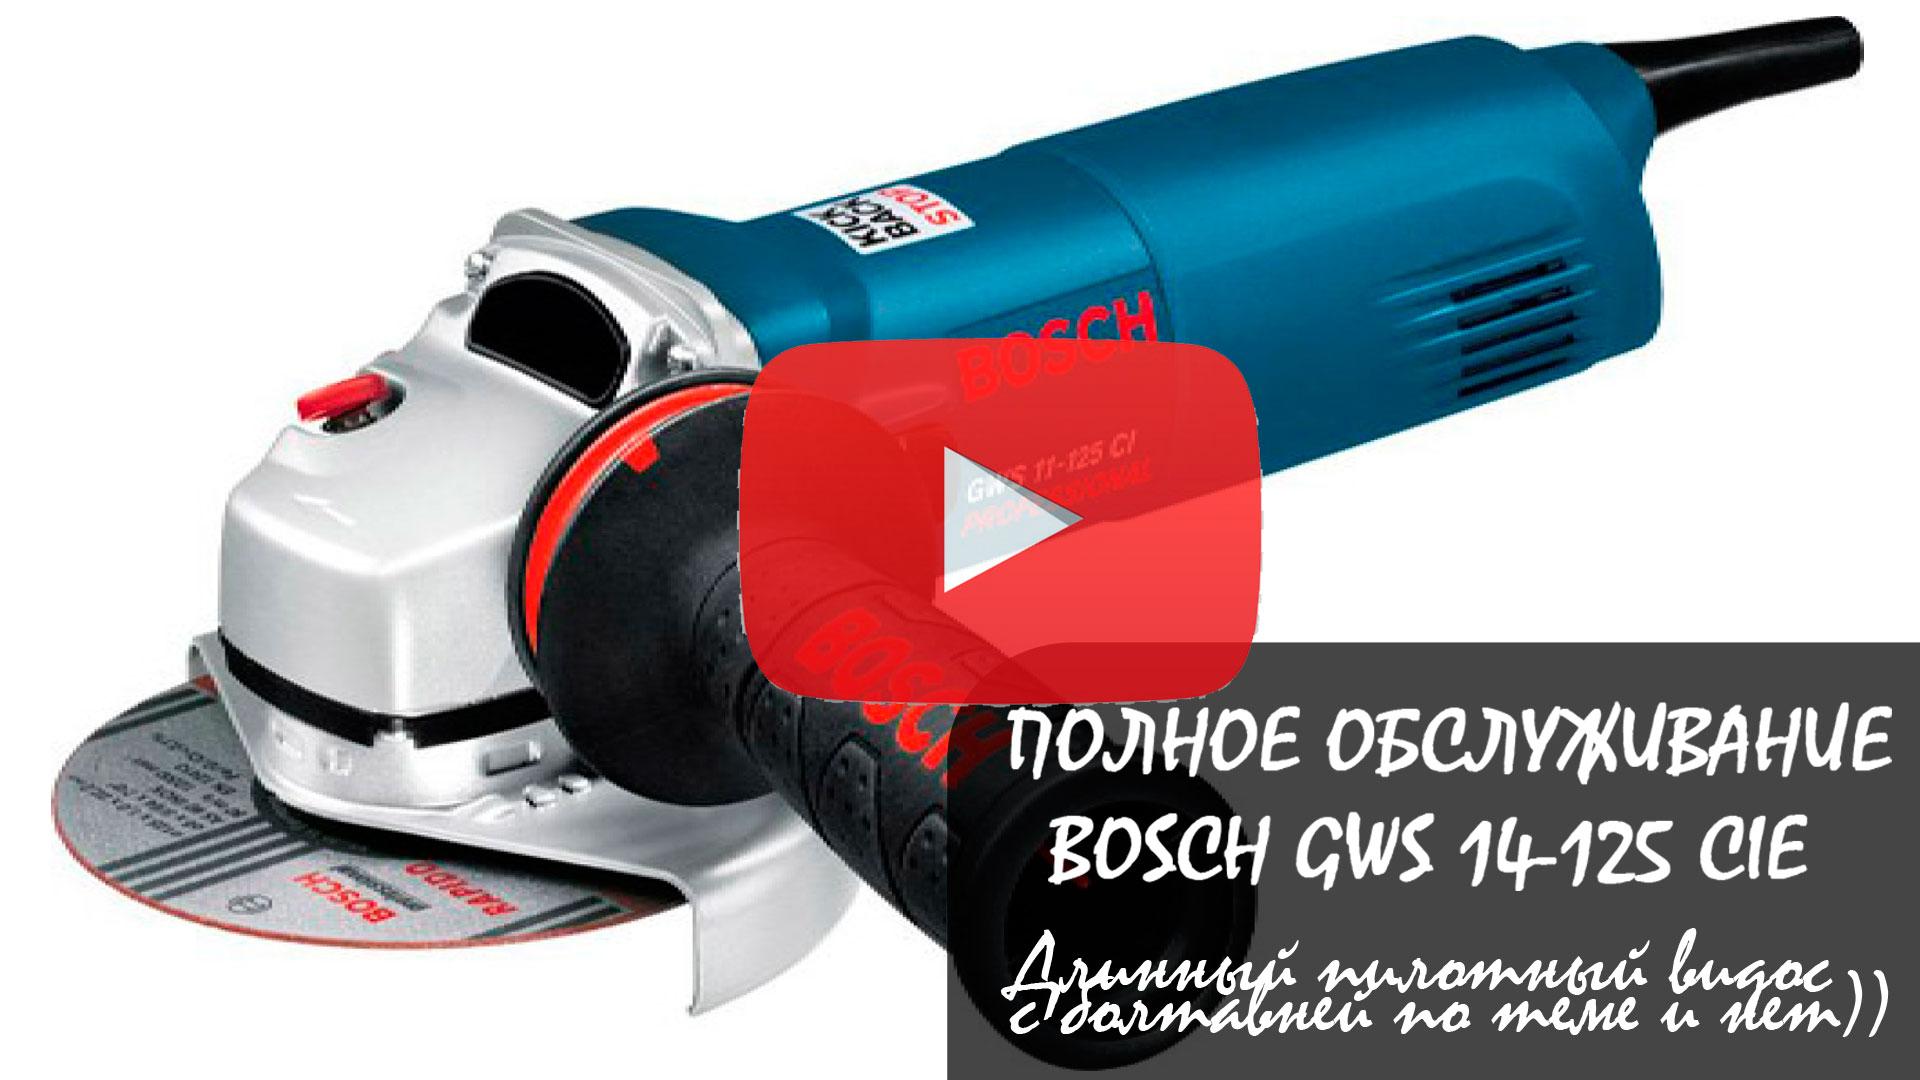 Обслуживание Bosch GWS 14-125 - длинное видео, практически одним кадром, с поболтушками